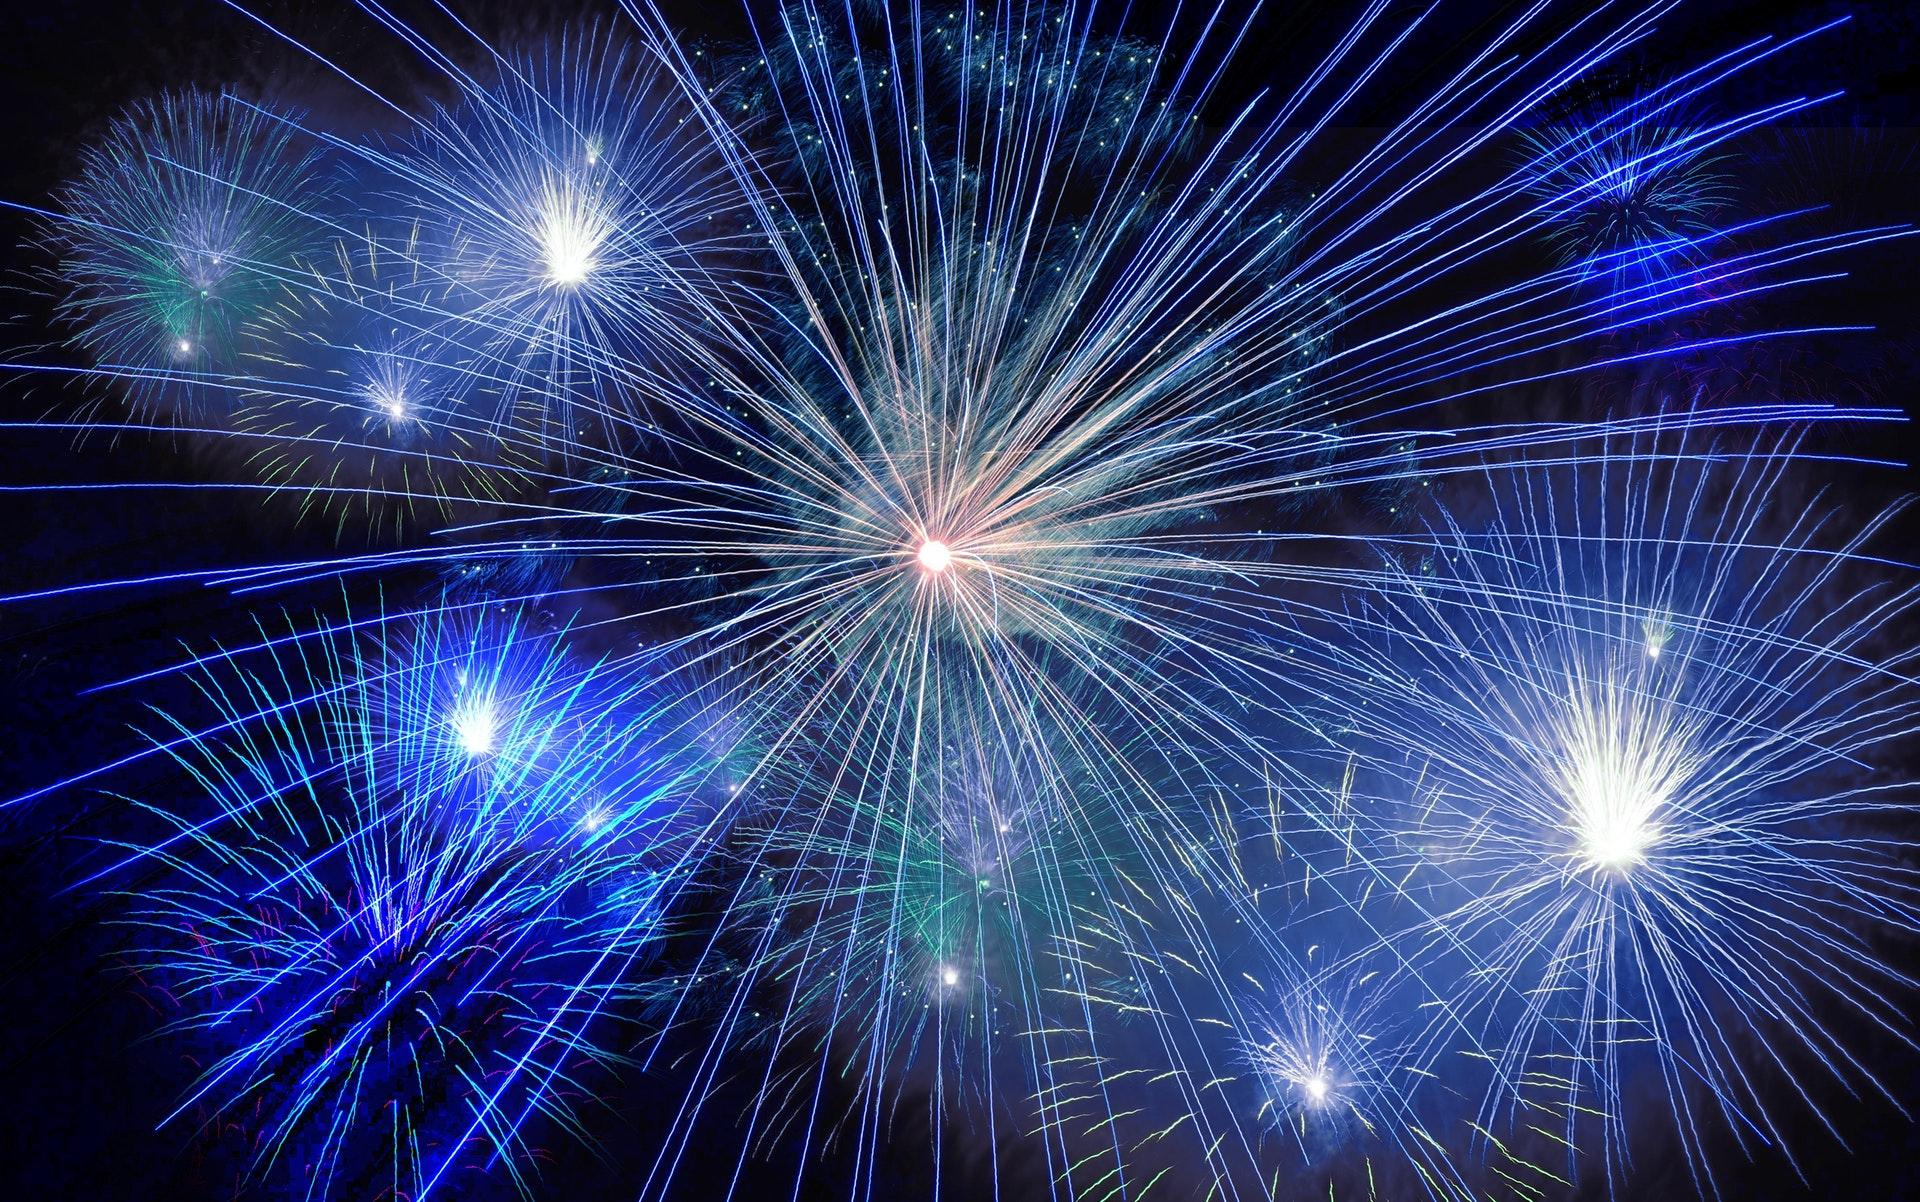 Buoni propositi per il nuovo anno: Obbiettivi realistici o sogni irraggiungibili?